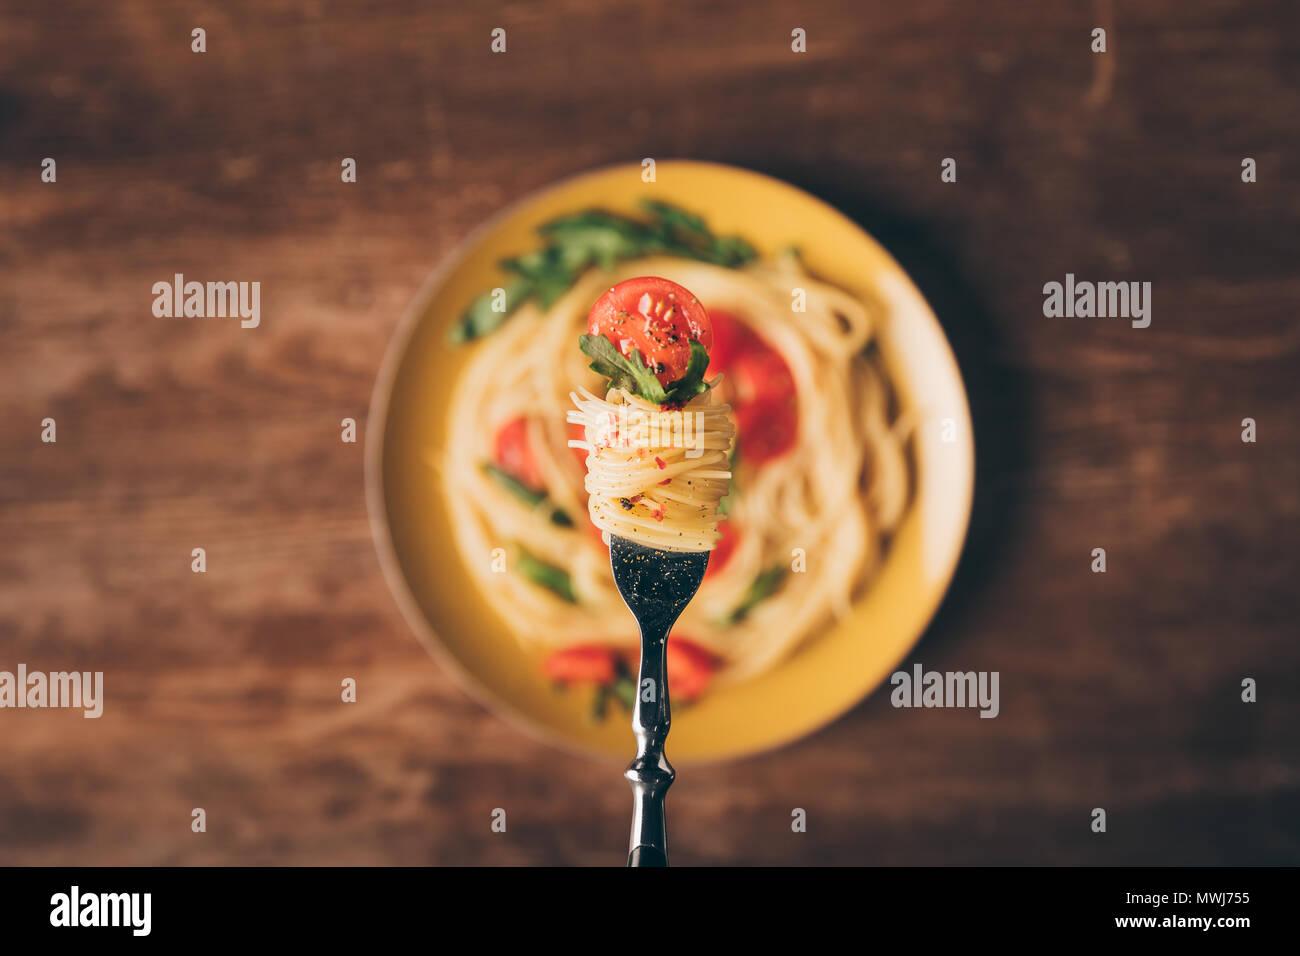 Messa a fuoco selettiva di tradizionali piatti di pasta italiana sulla forcella Immagini Stock